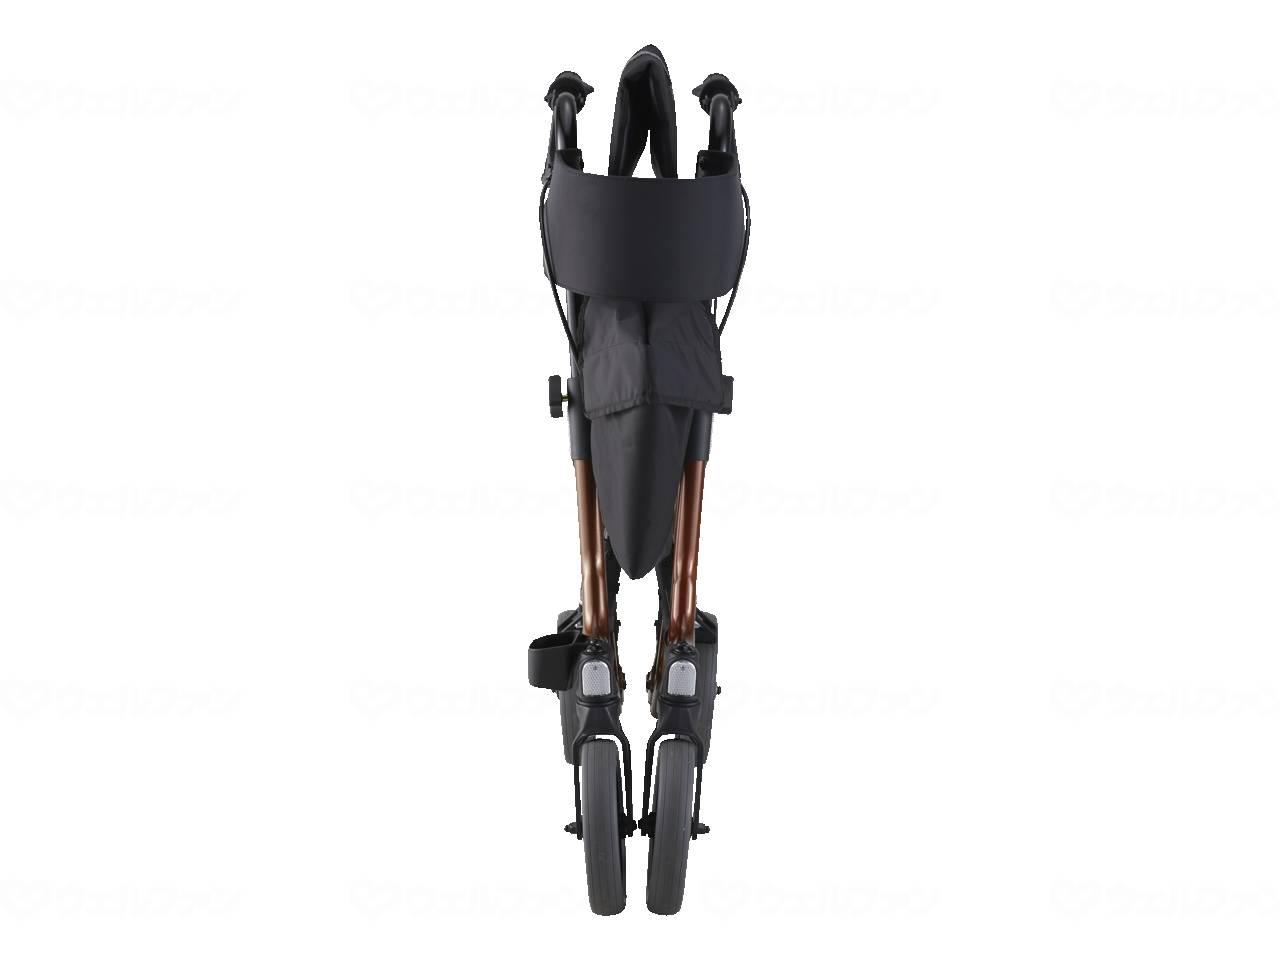 歩行車 トライリンクの画像